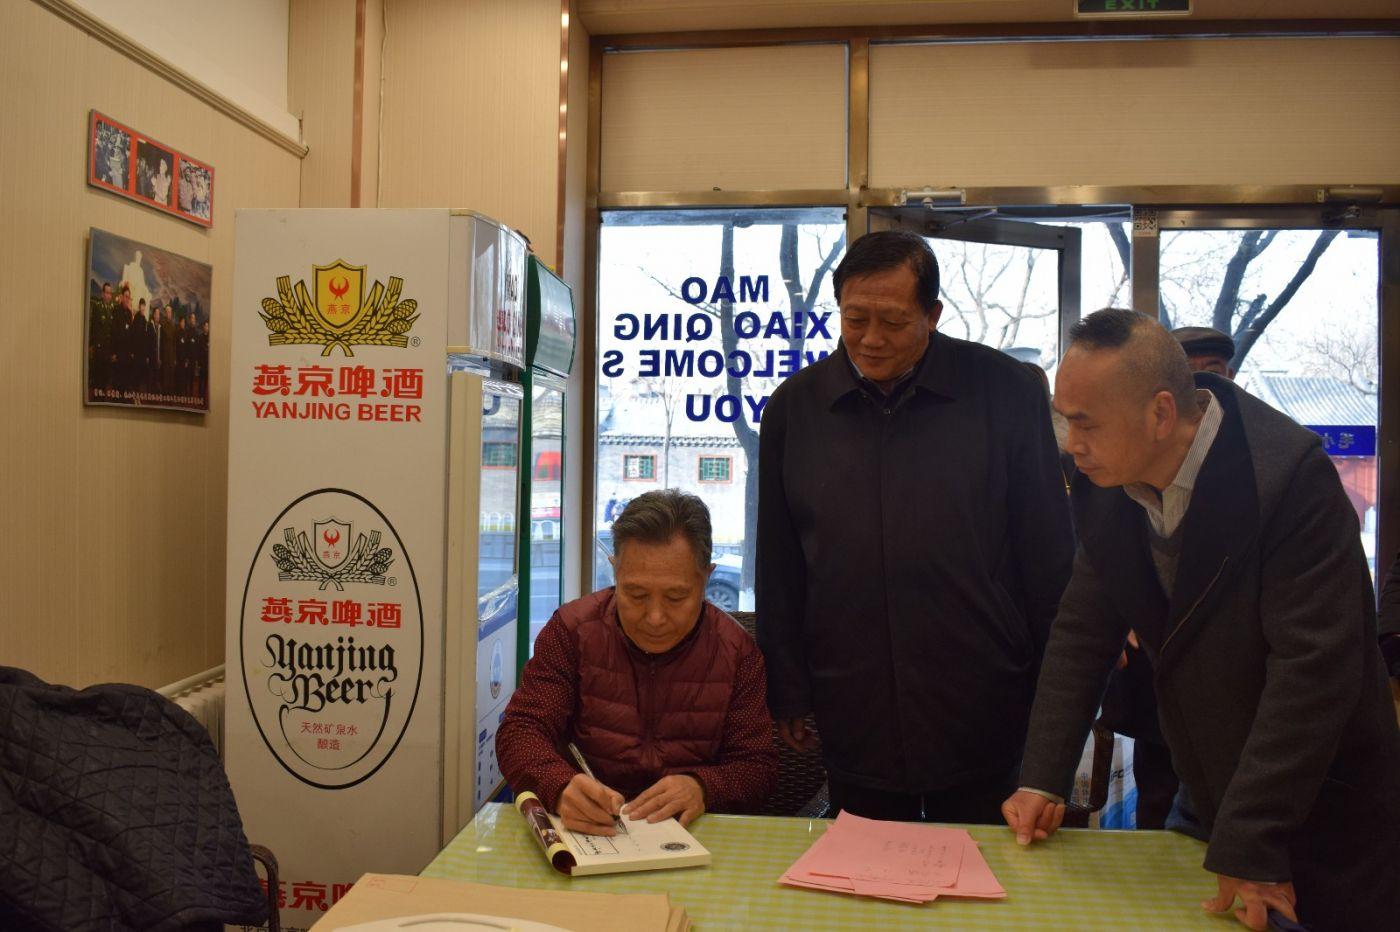 纪念毛泽东诞辰125周年《甲骨文毛泽东诗词集》  出版发布会在京举办 ... ... ..._图1-6